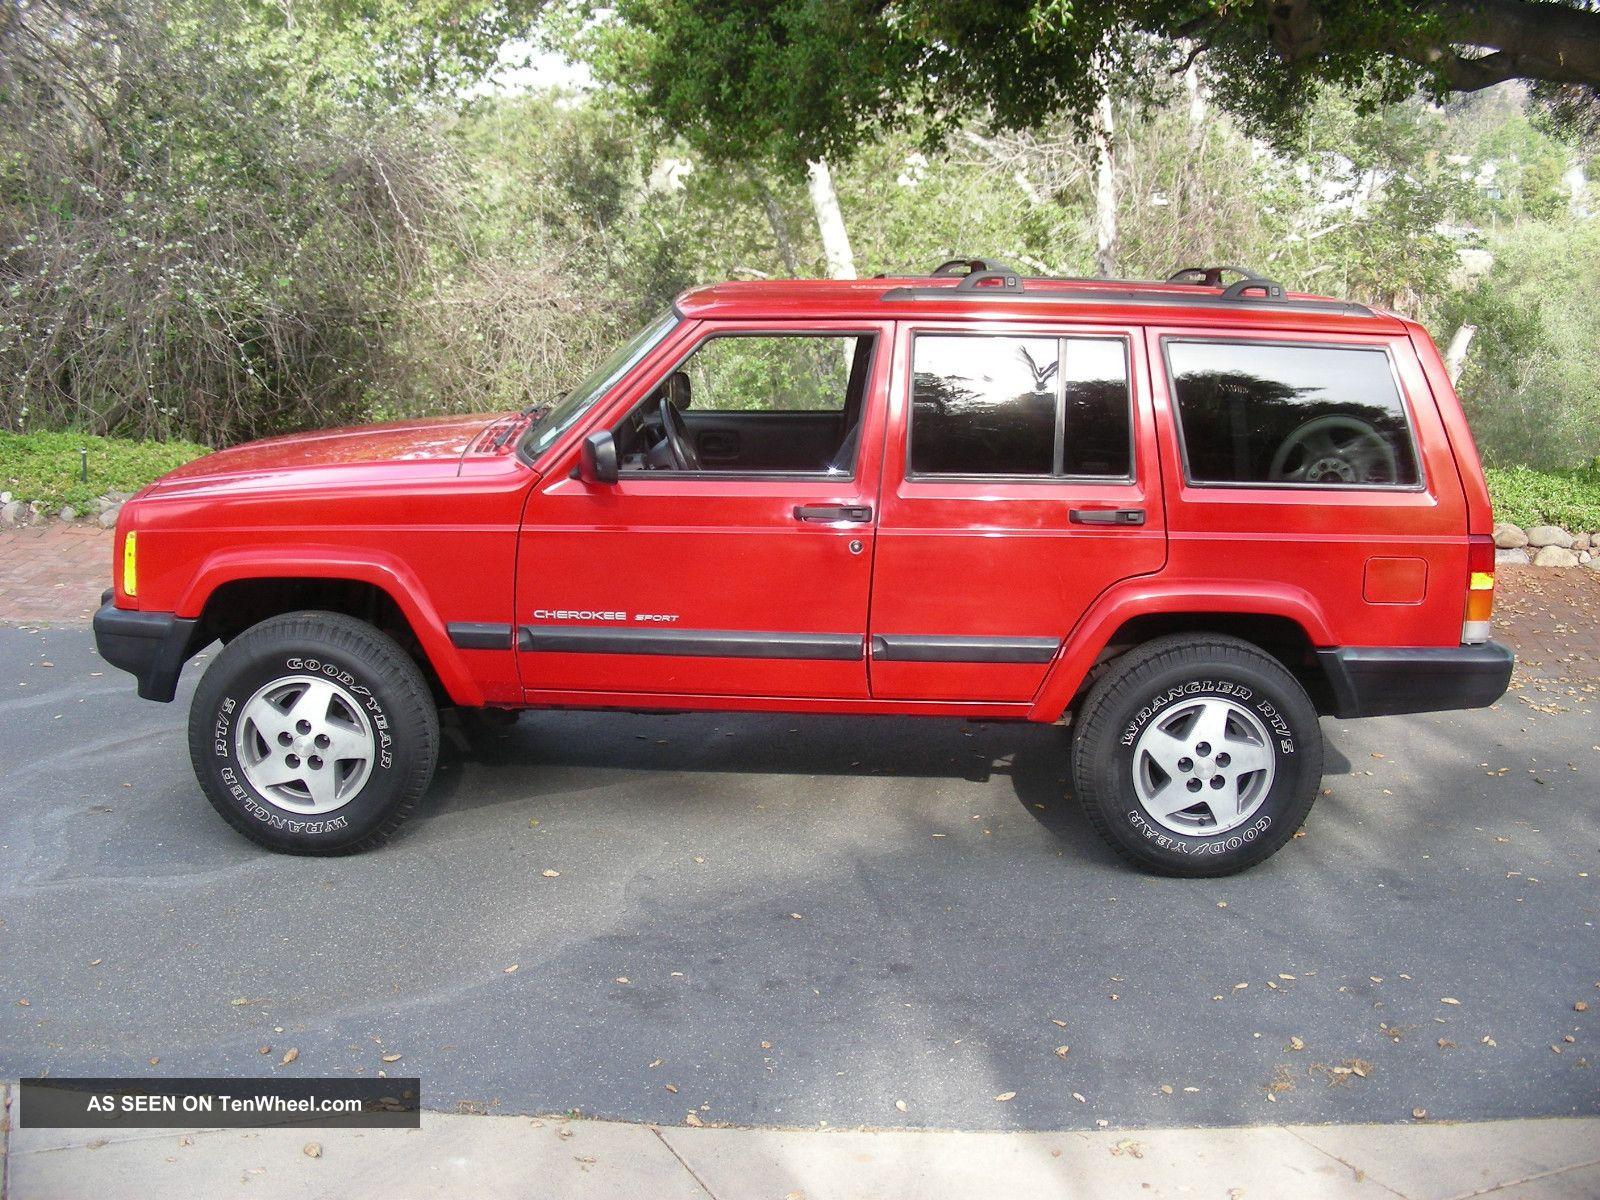 1999 Jeep Cherokee #8 Jeep Cherokee #8